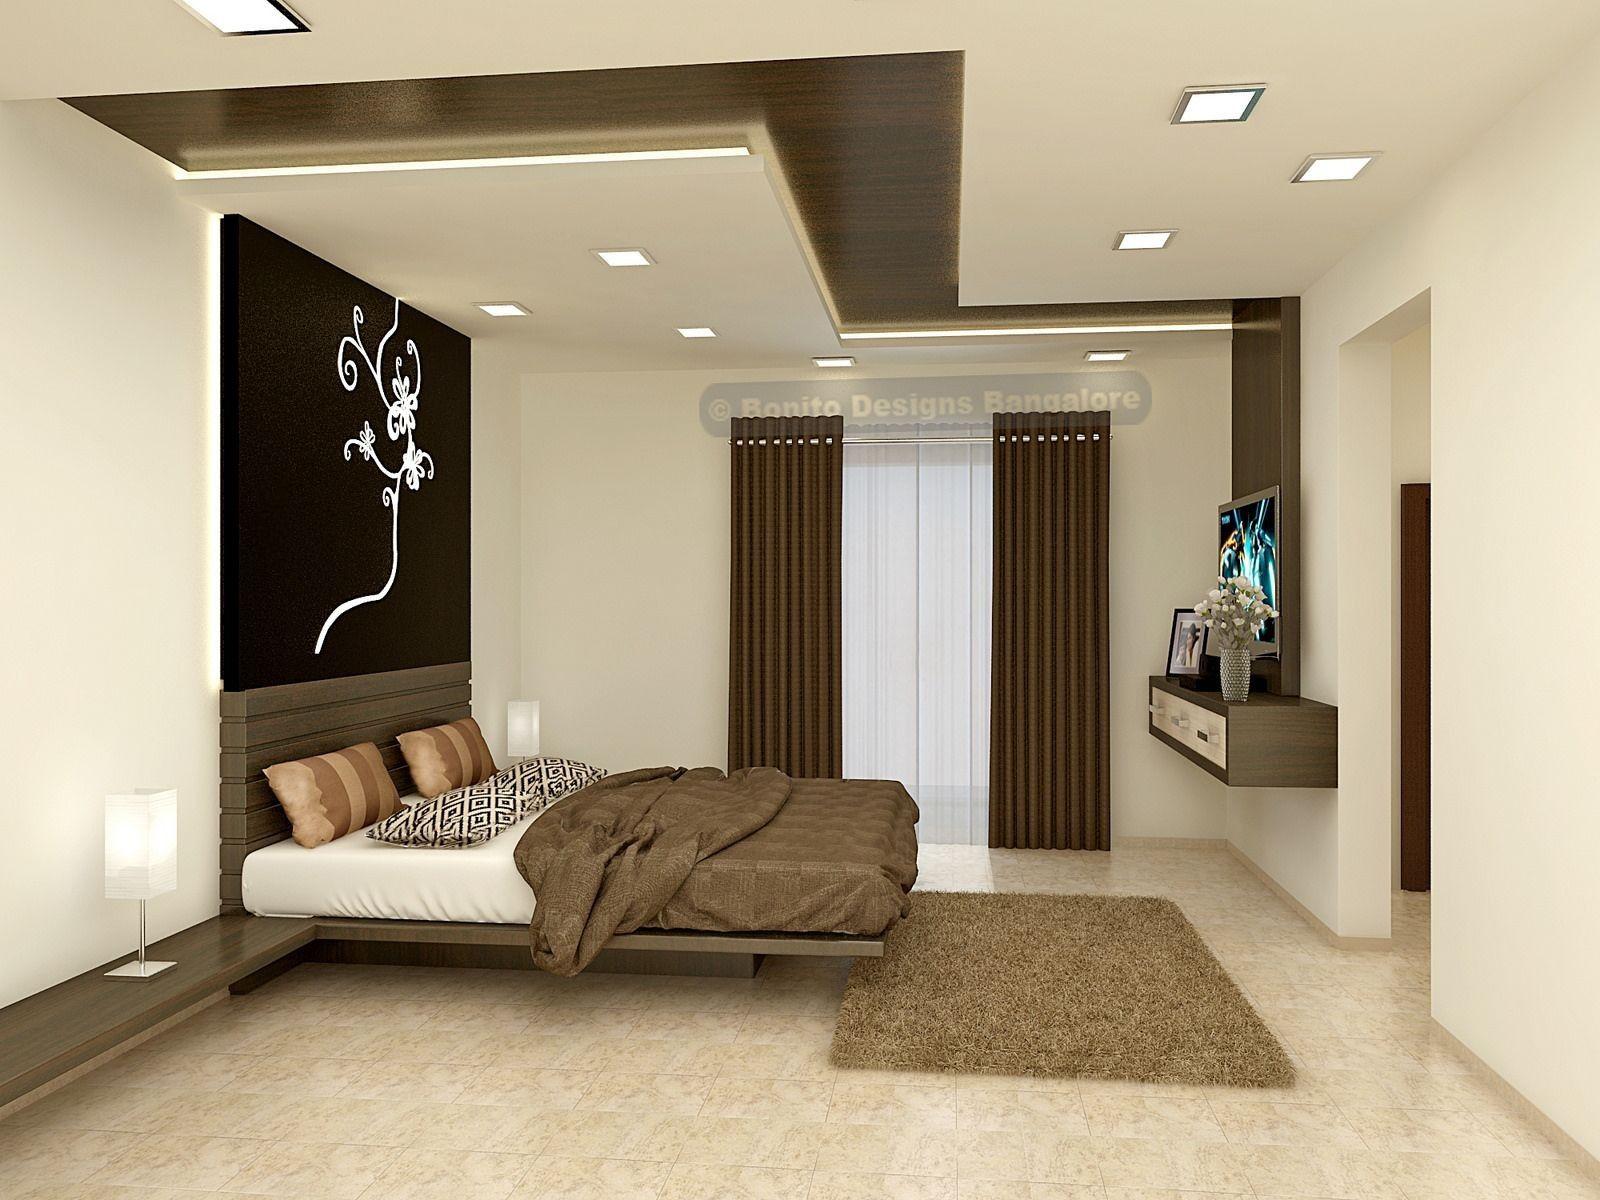 False Ceiling Designs for Master Bedroom Luxury Sandepmbr ...